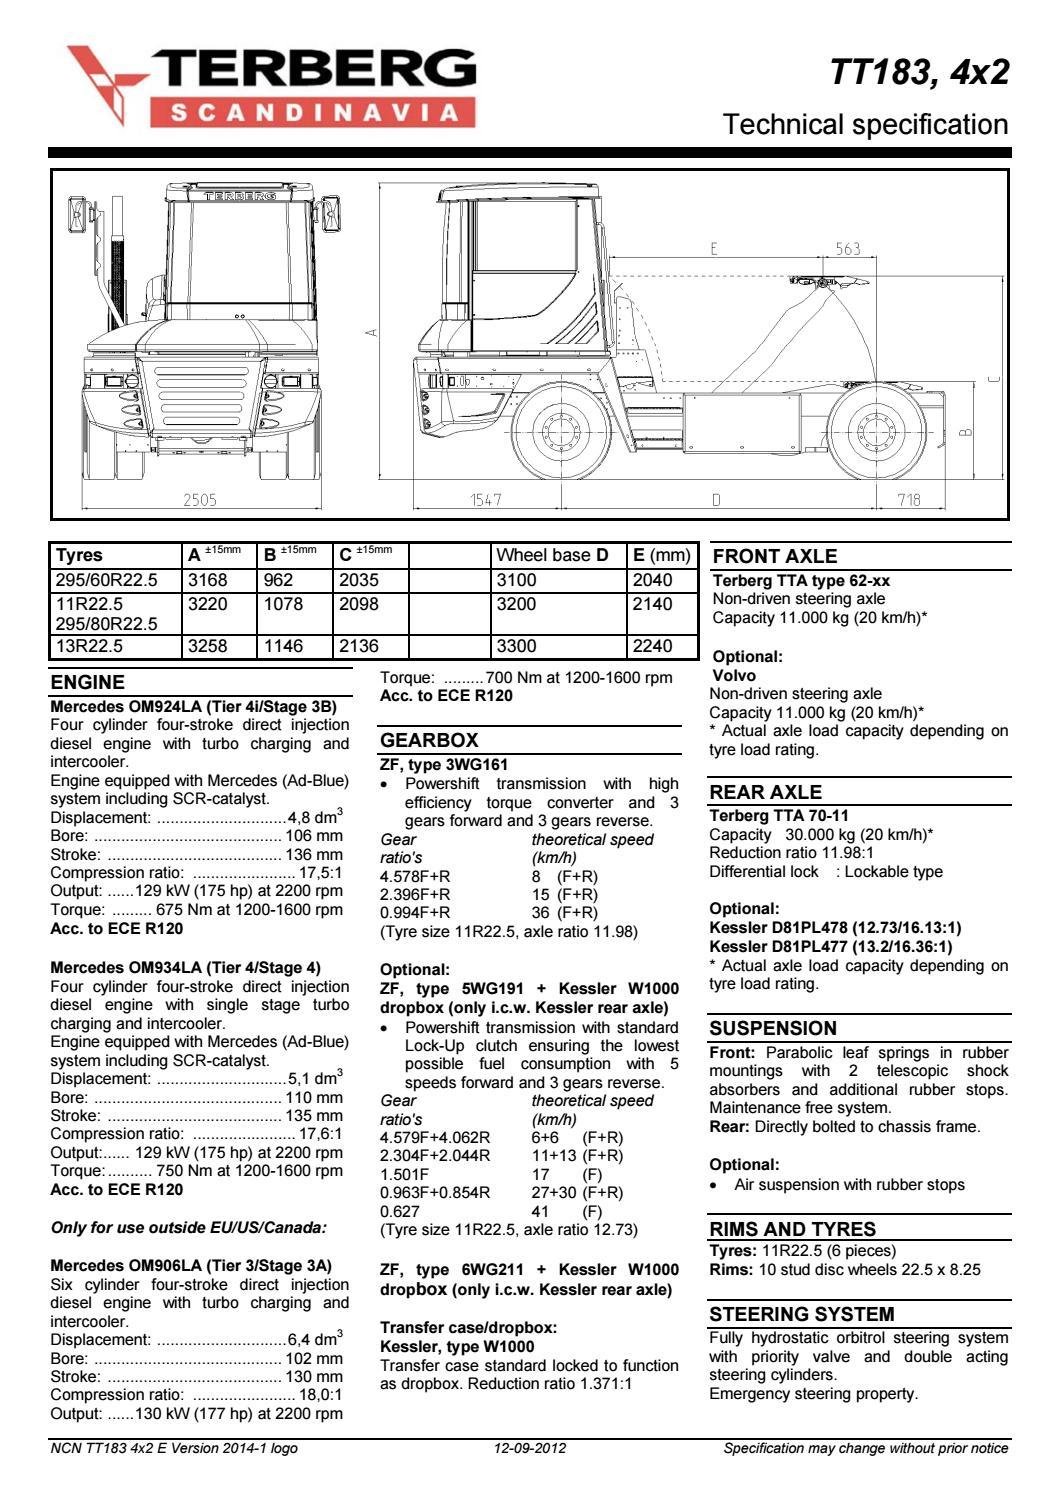 6 5 Diesel Engine Wiring Diagram Datablad Terberg Tt183 Gb By N C Nielsen A S Issuu